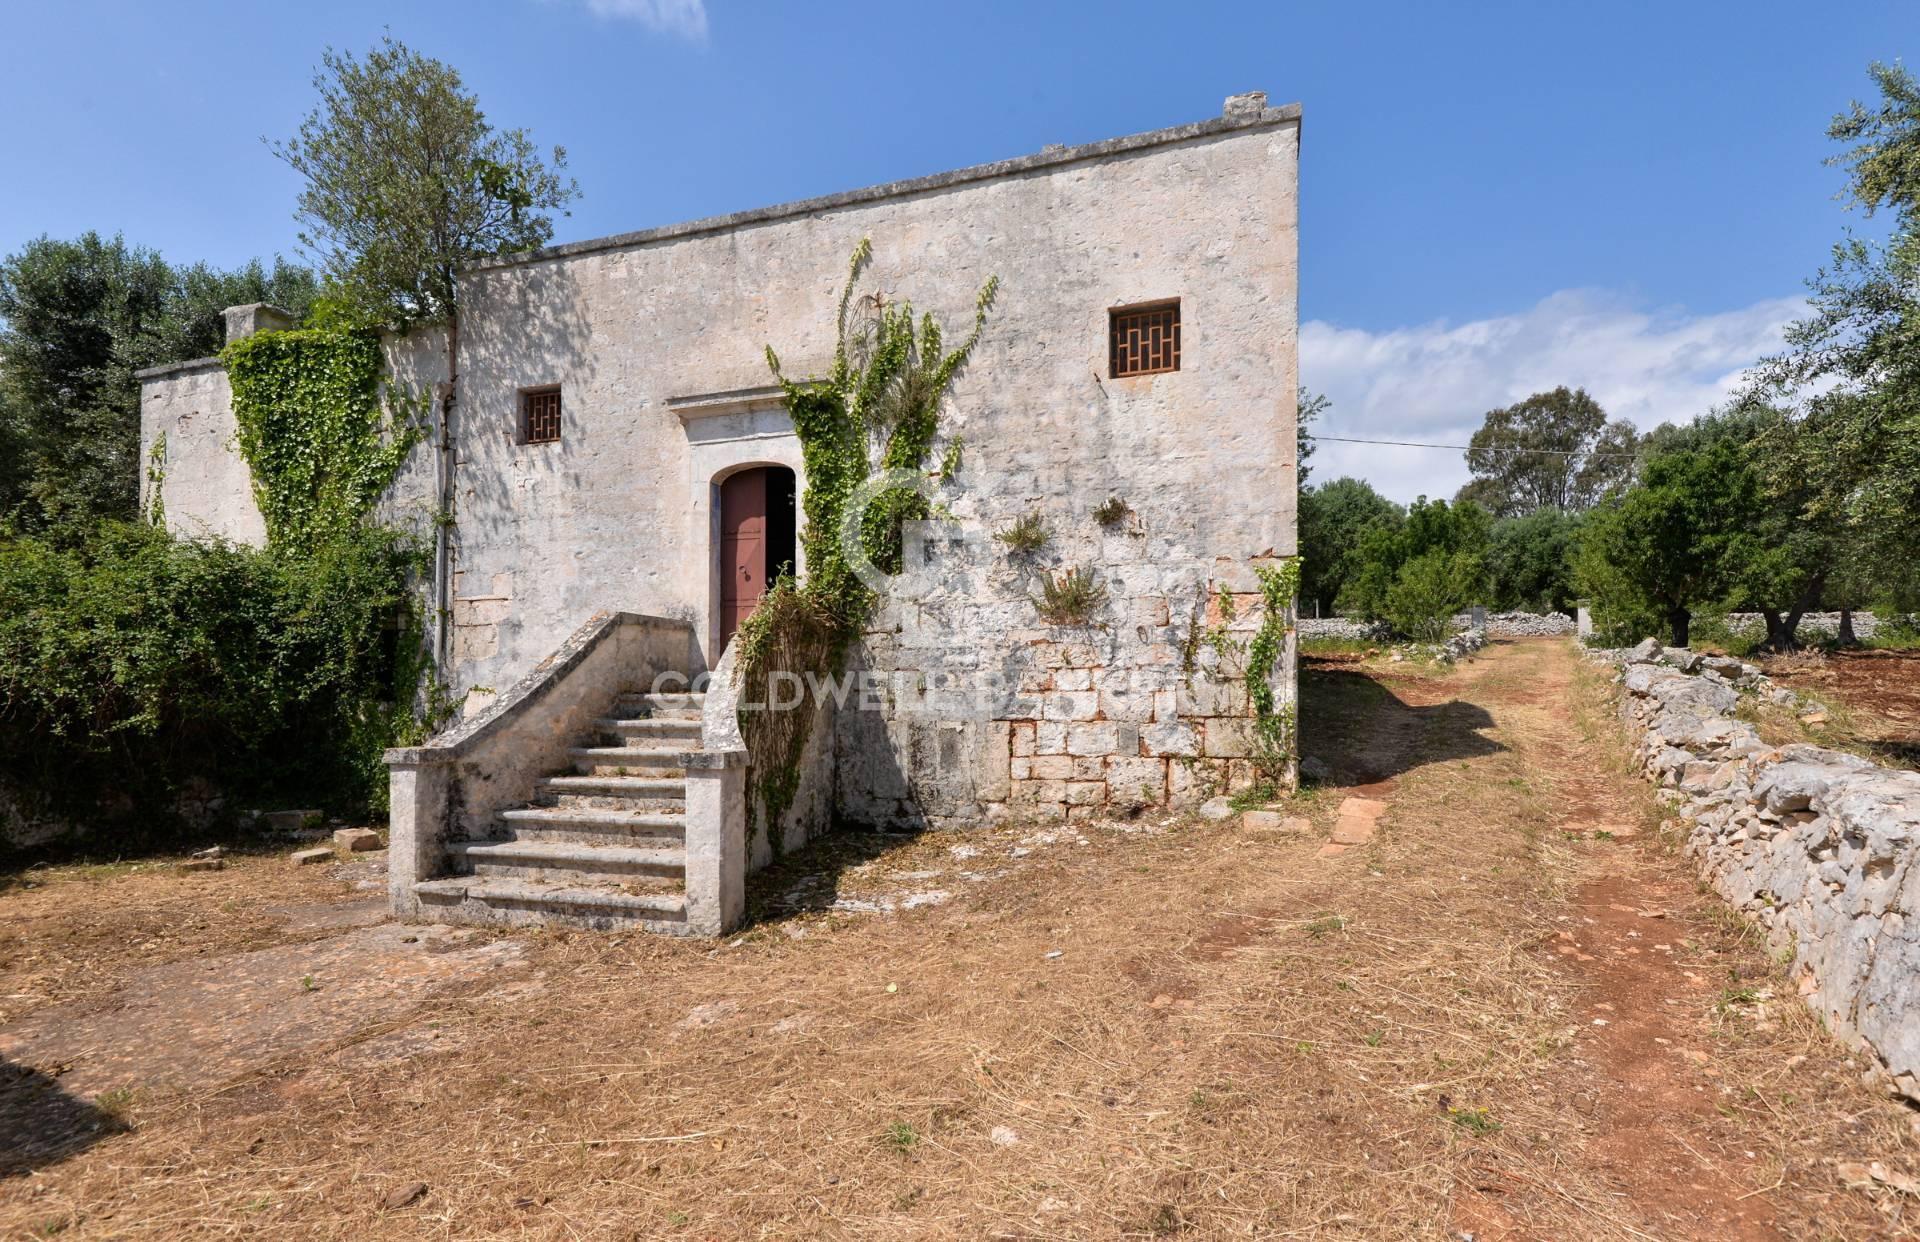 Rustico / Casale in vendita a Ostuni, 6 locali, prezzo € 310.000 | CambioCasa.it